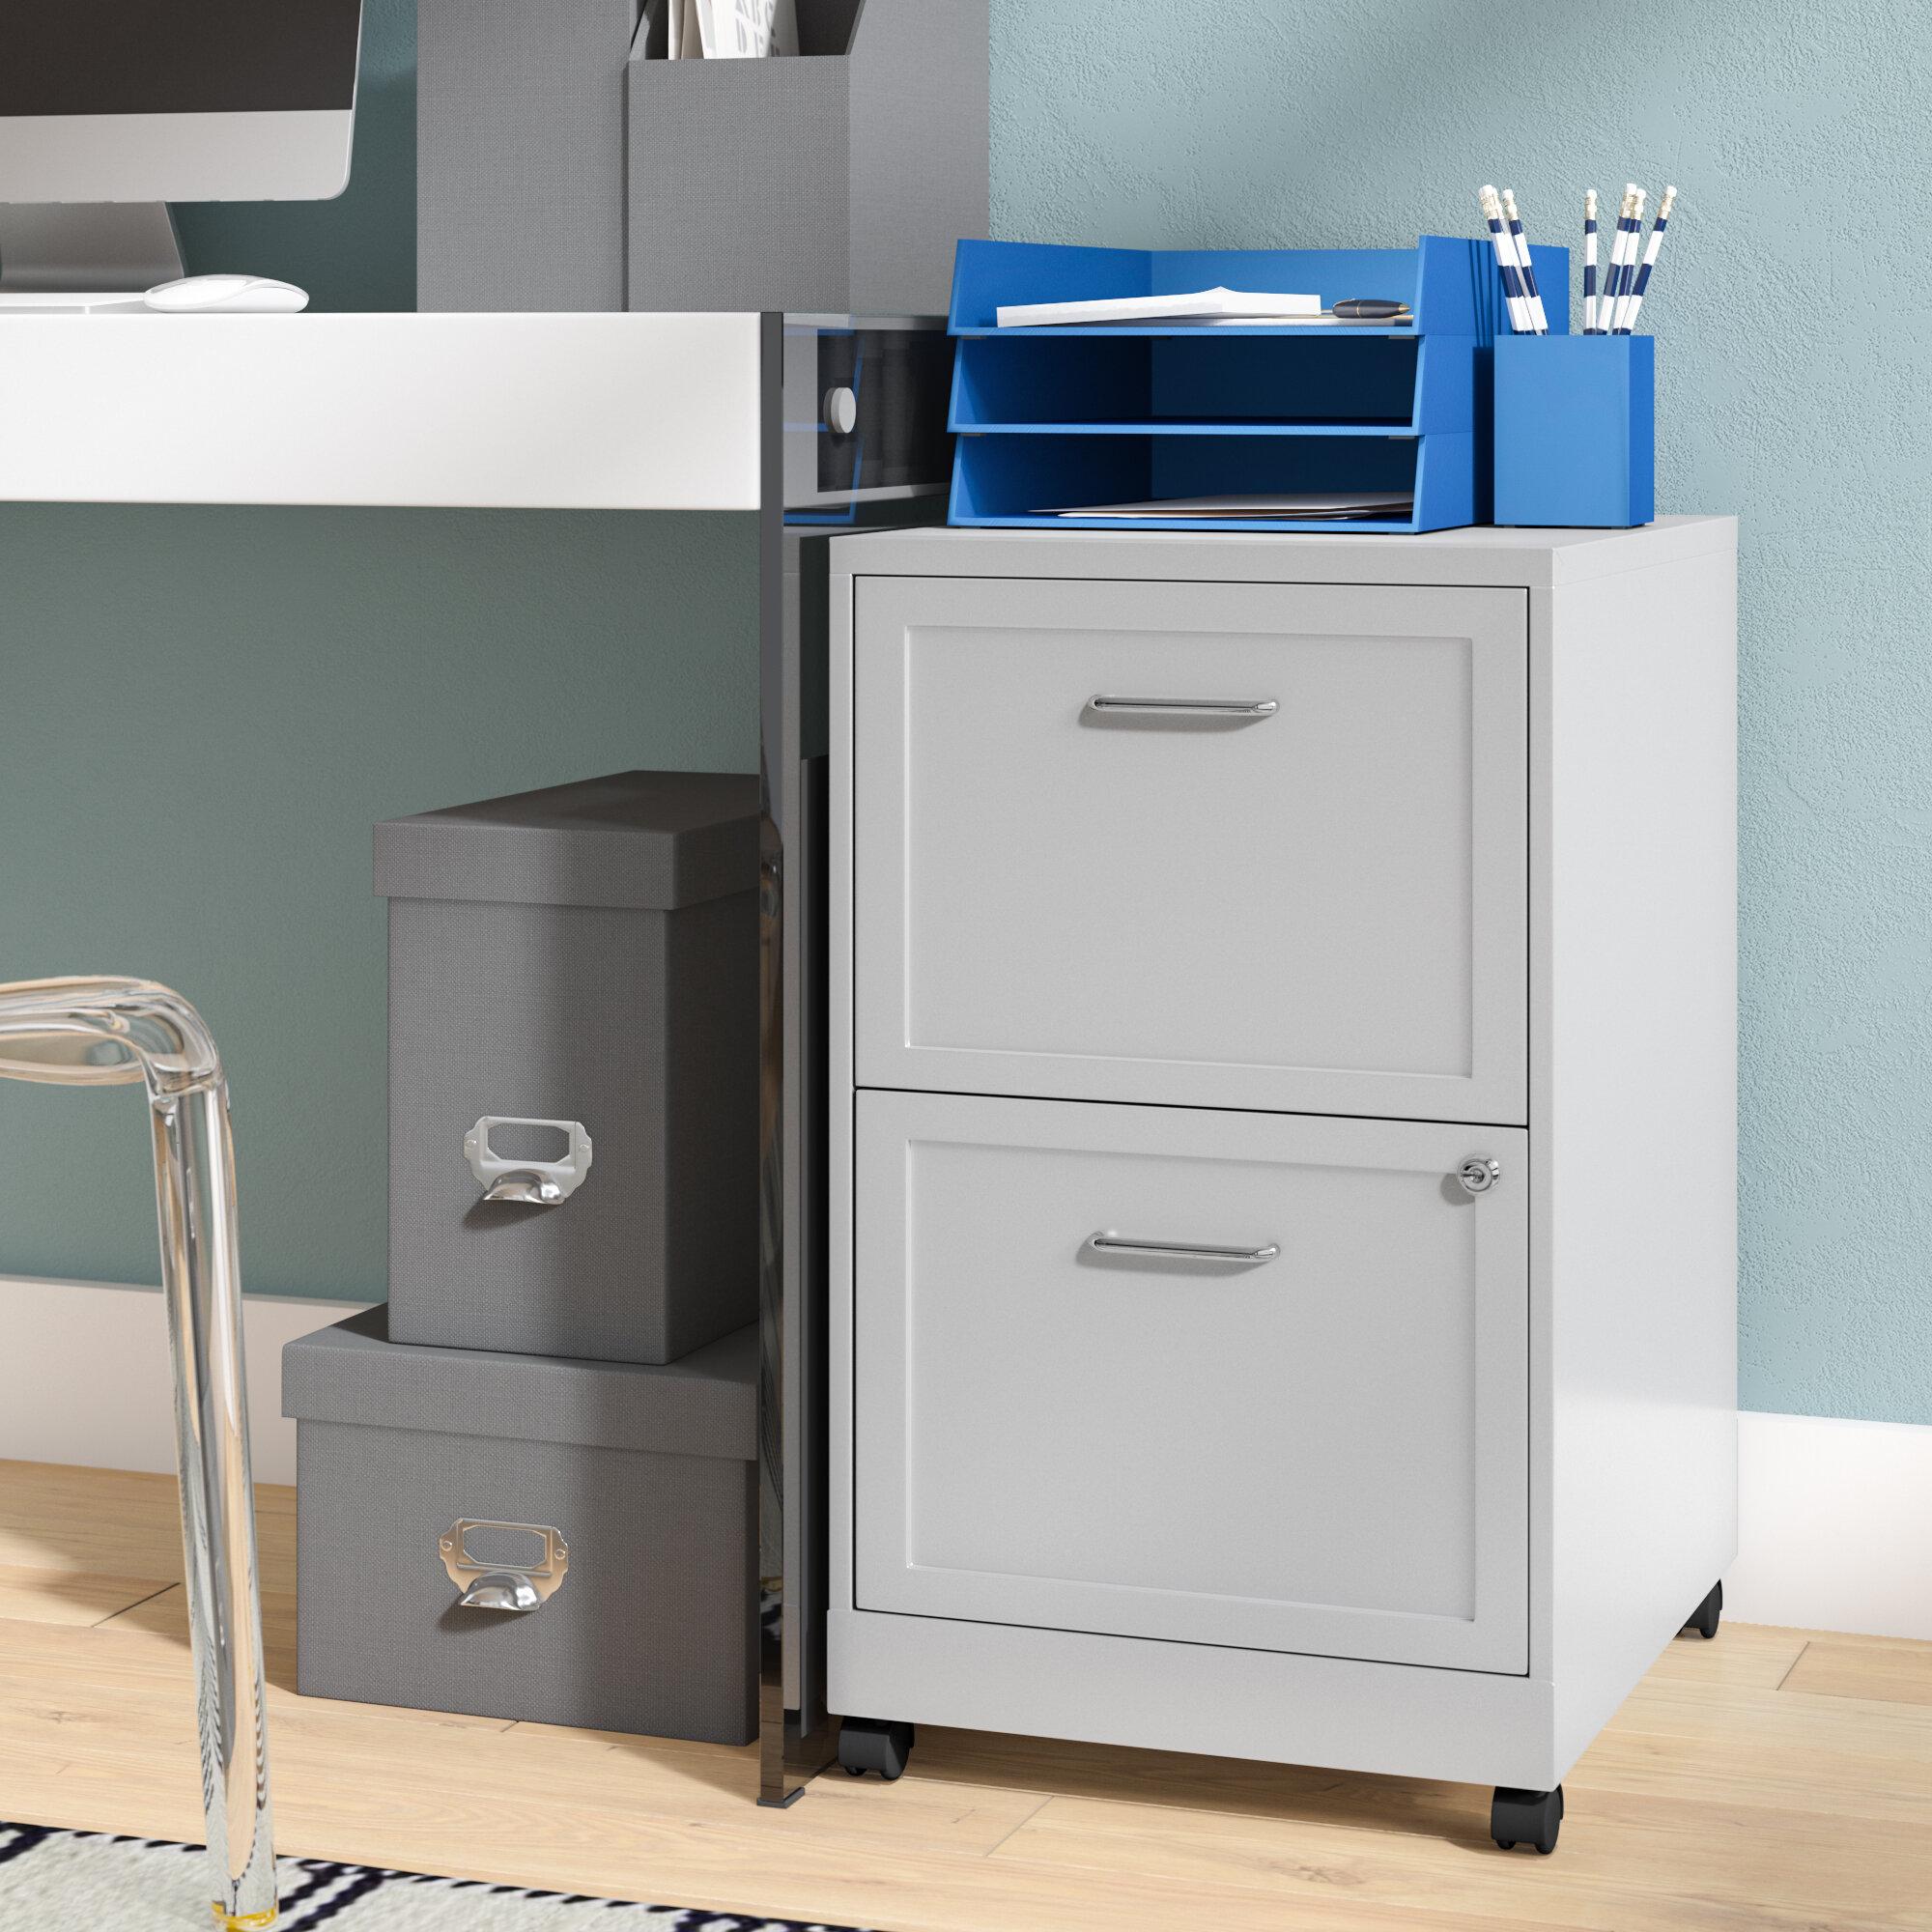 furniture file itm cabinet organizer storage new medium modern drawer brown drawers wood